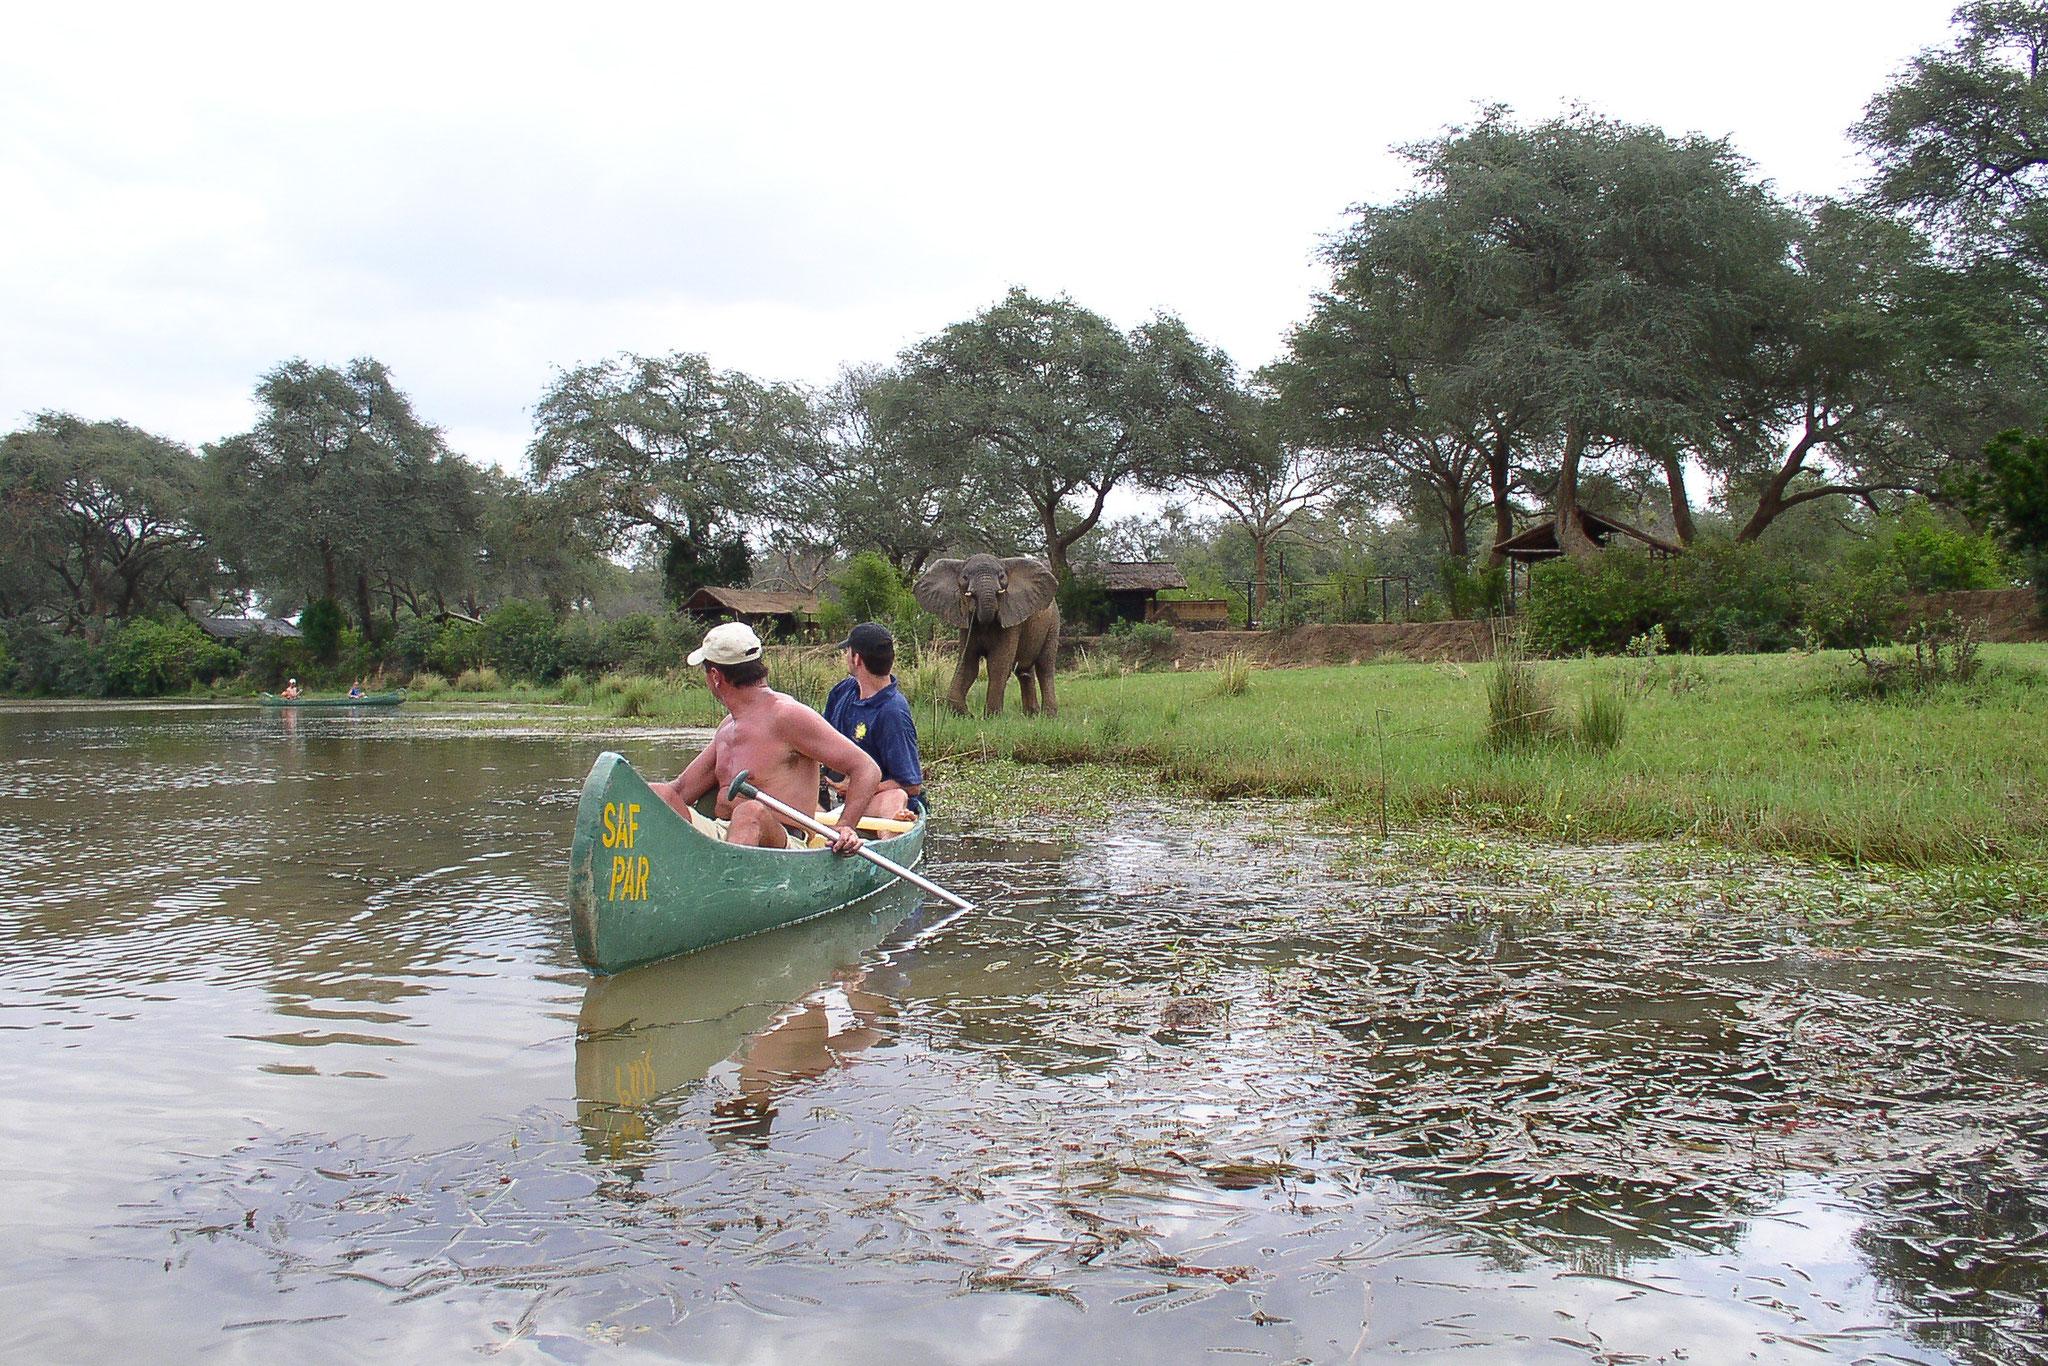 Pirschaktivitäten zu Boot